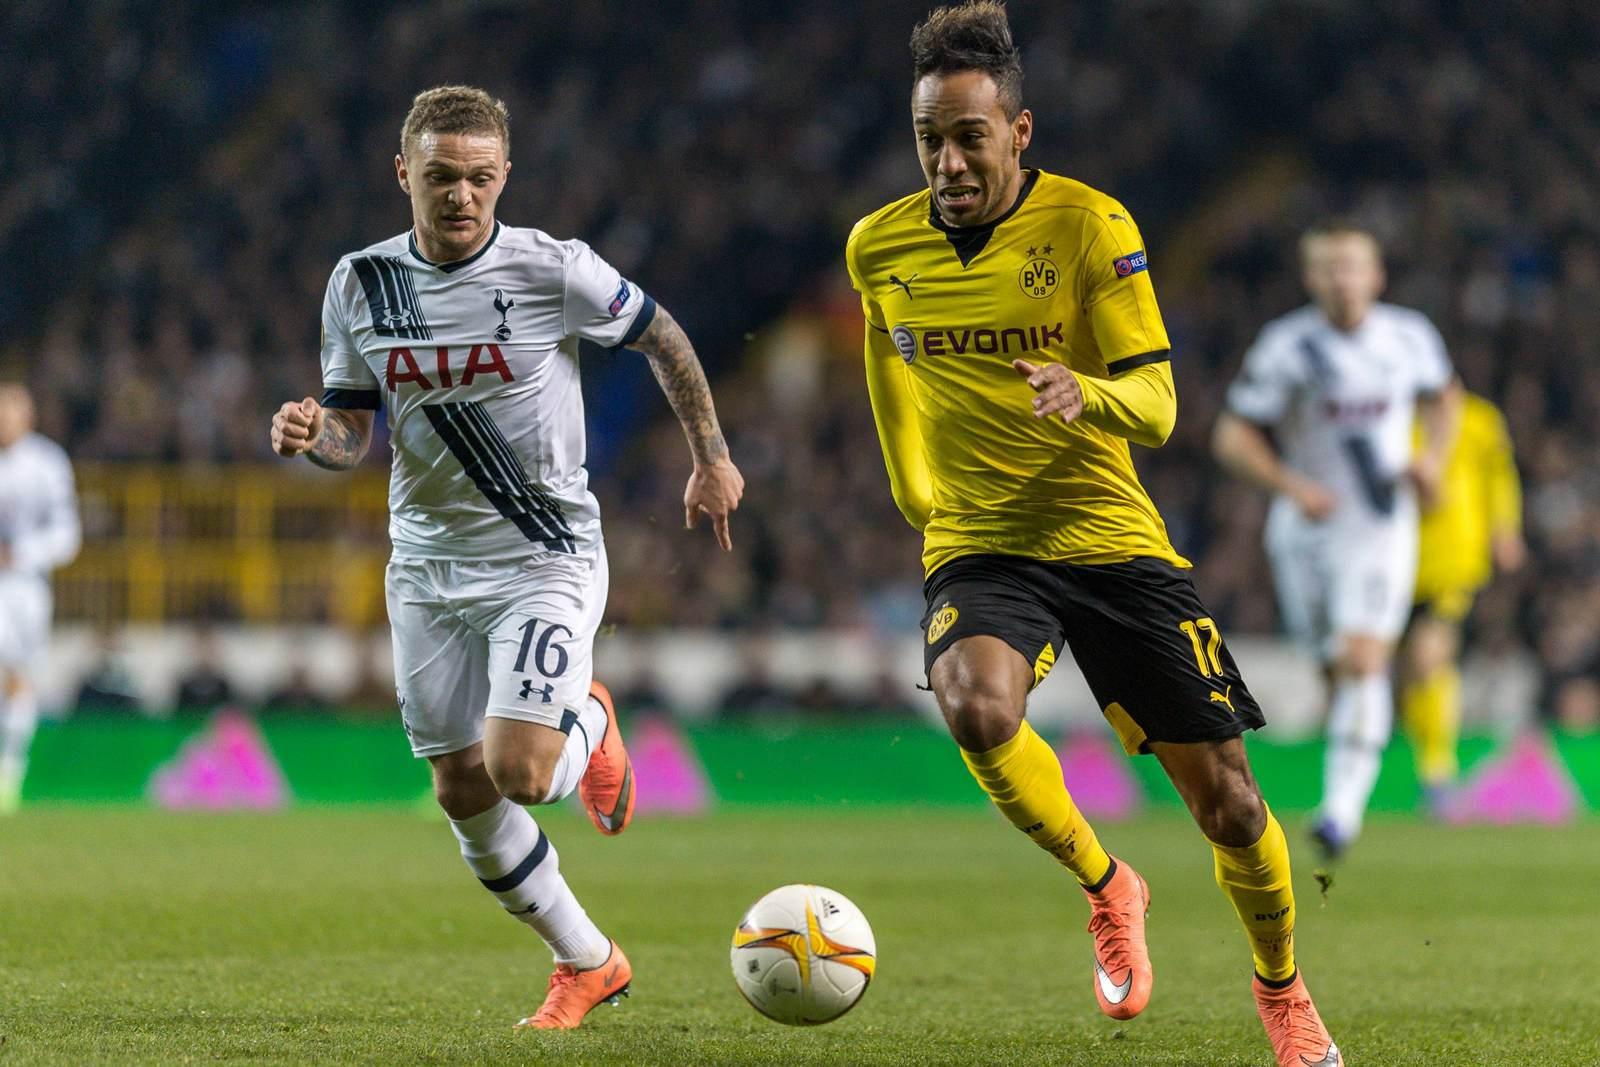 Kieran Trippier im Duelle mit Pierre-Emerick Aubameyang. Jetzt auf die Partie Tottenham gegen Dortmund wetten